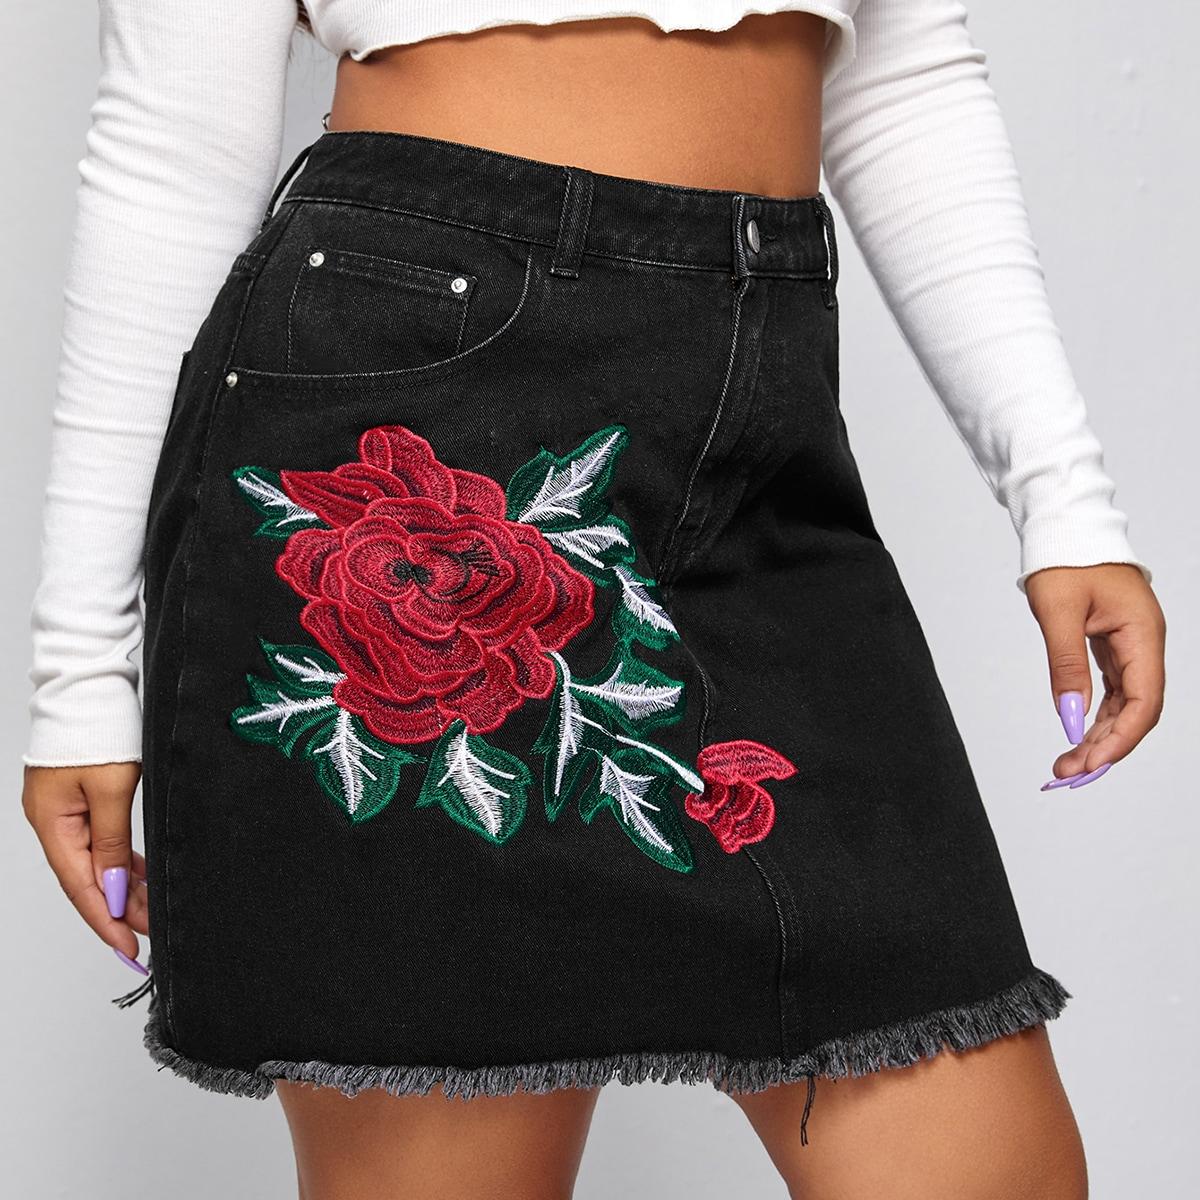 Джинсовая юбка размера плюс с цветочной вышивкой